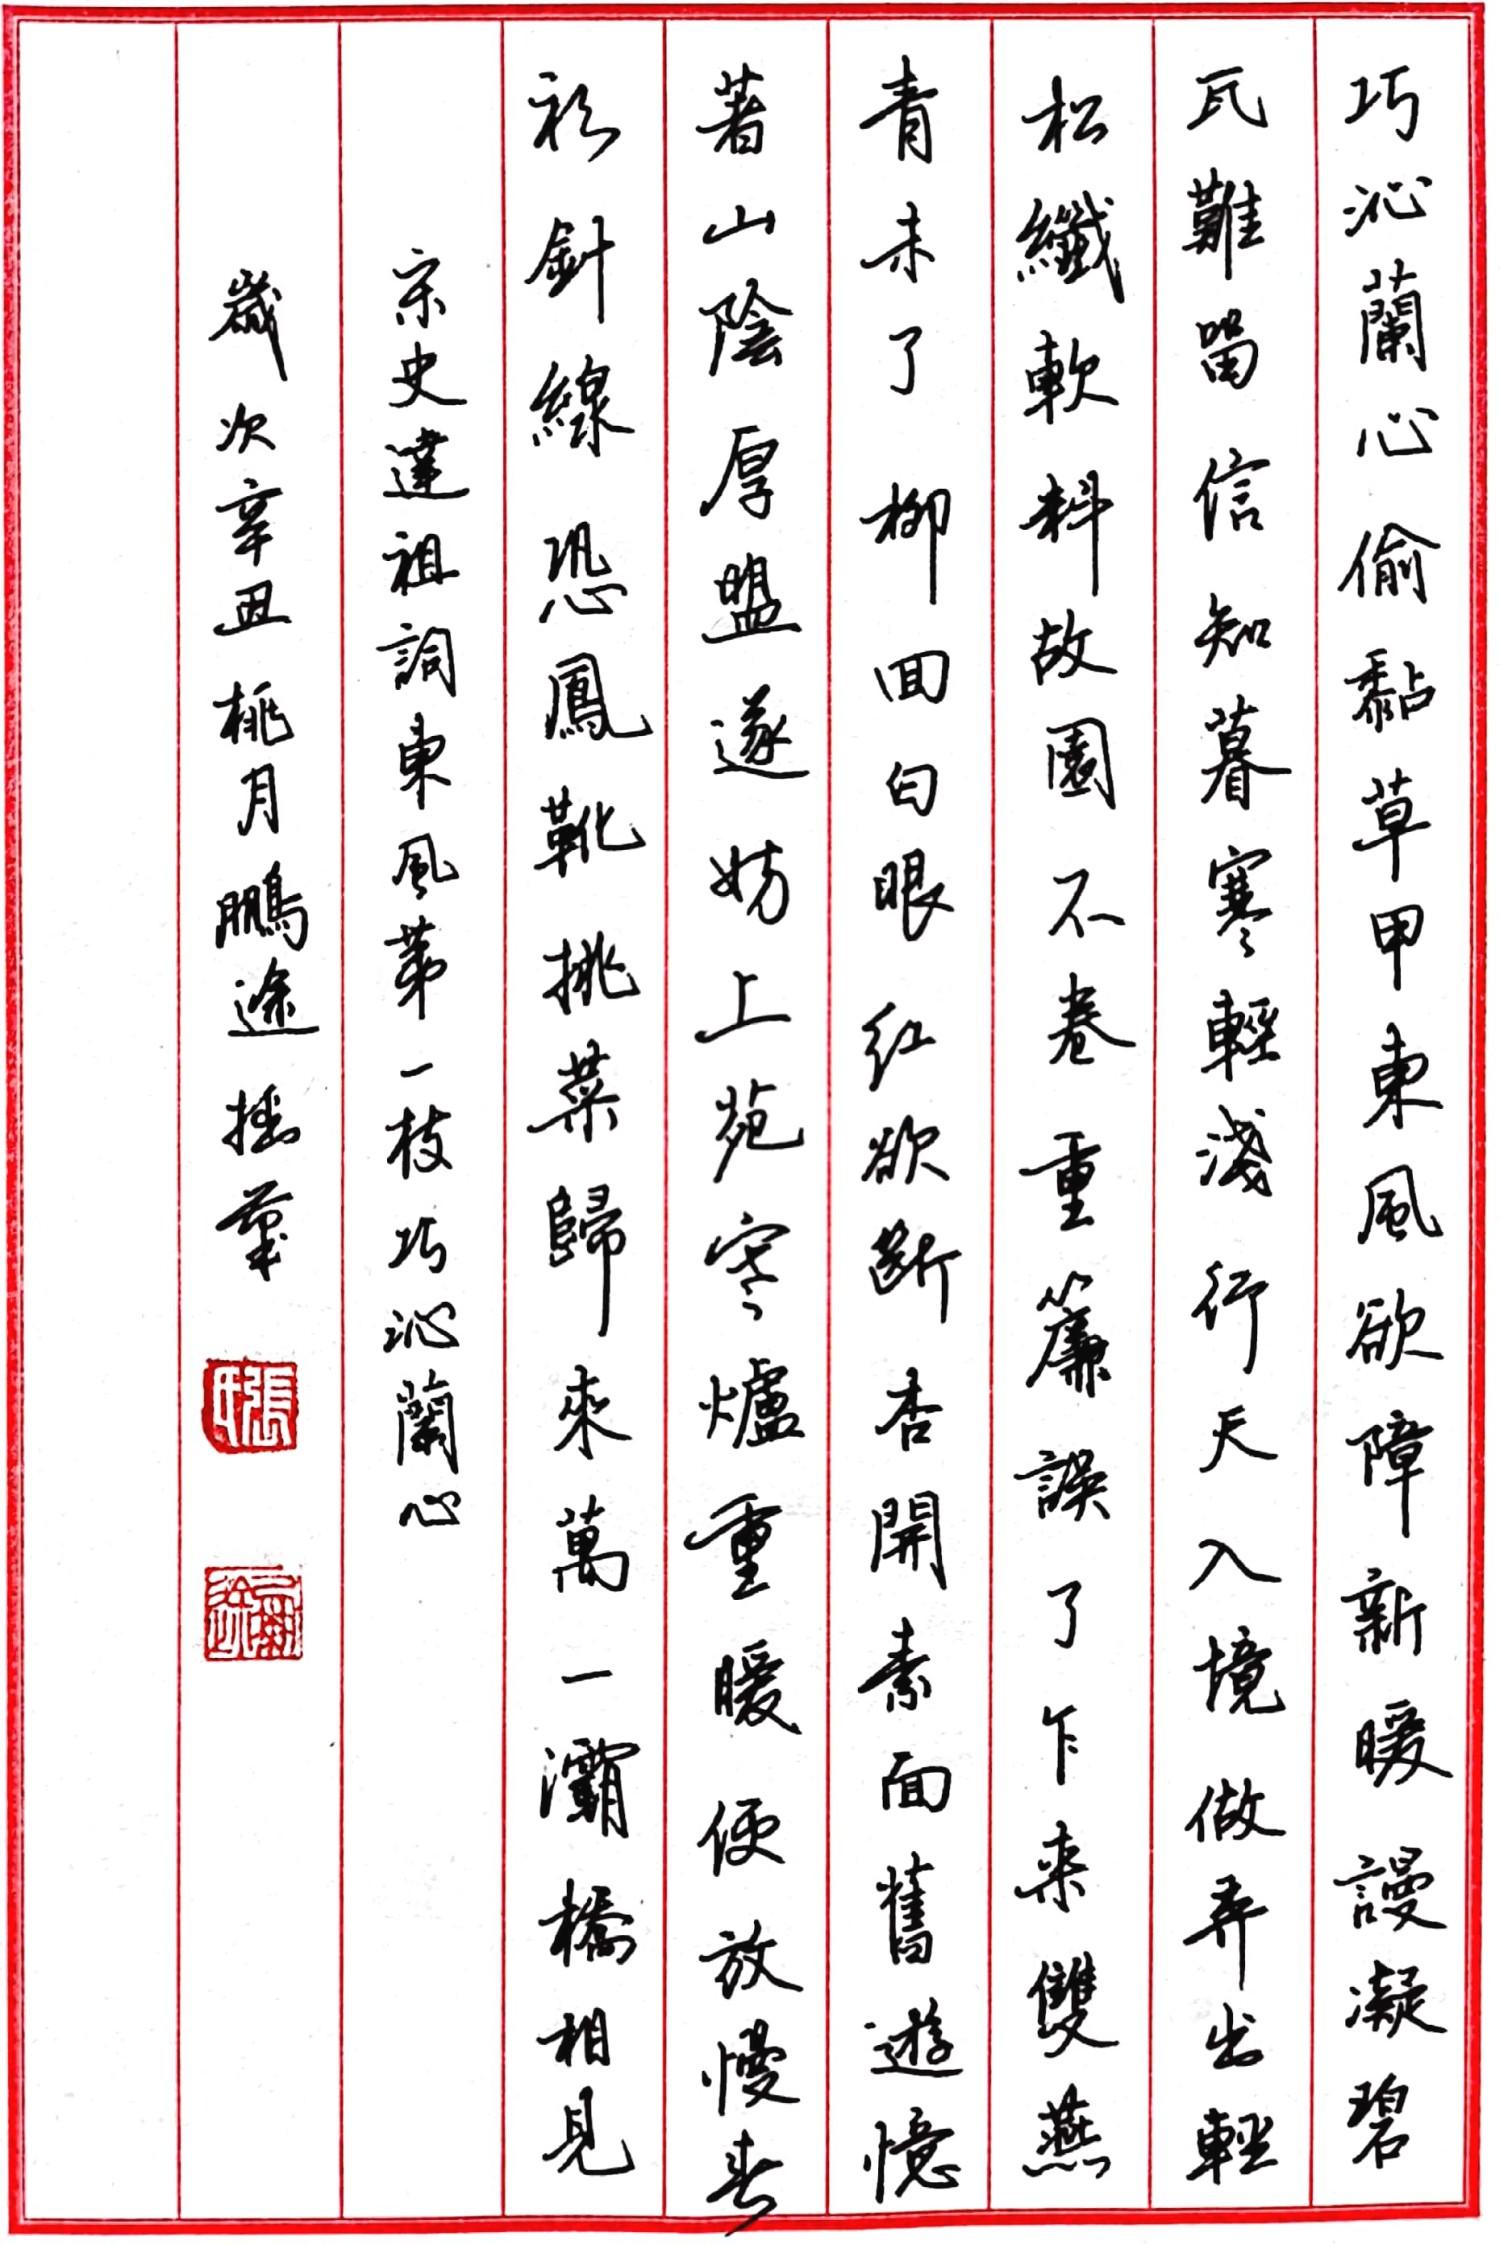 钢笔书法练字打卡20210511-17